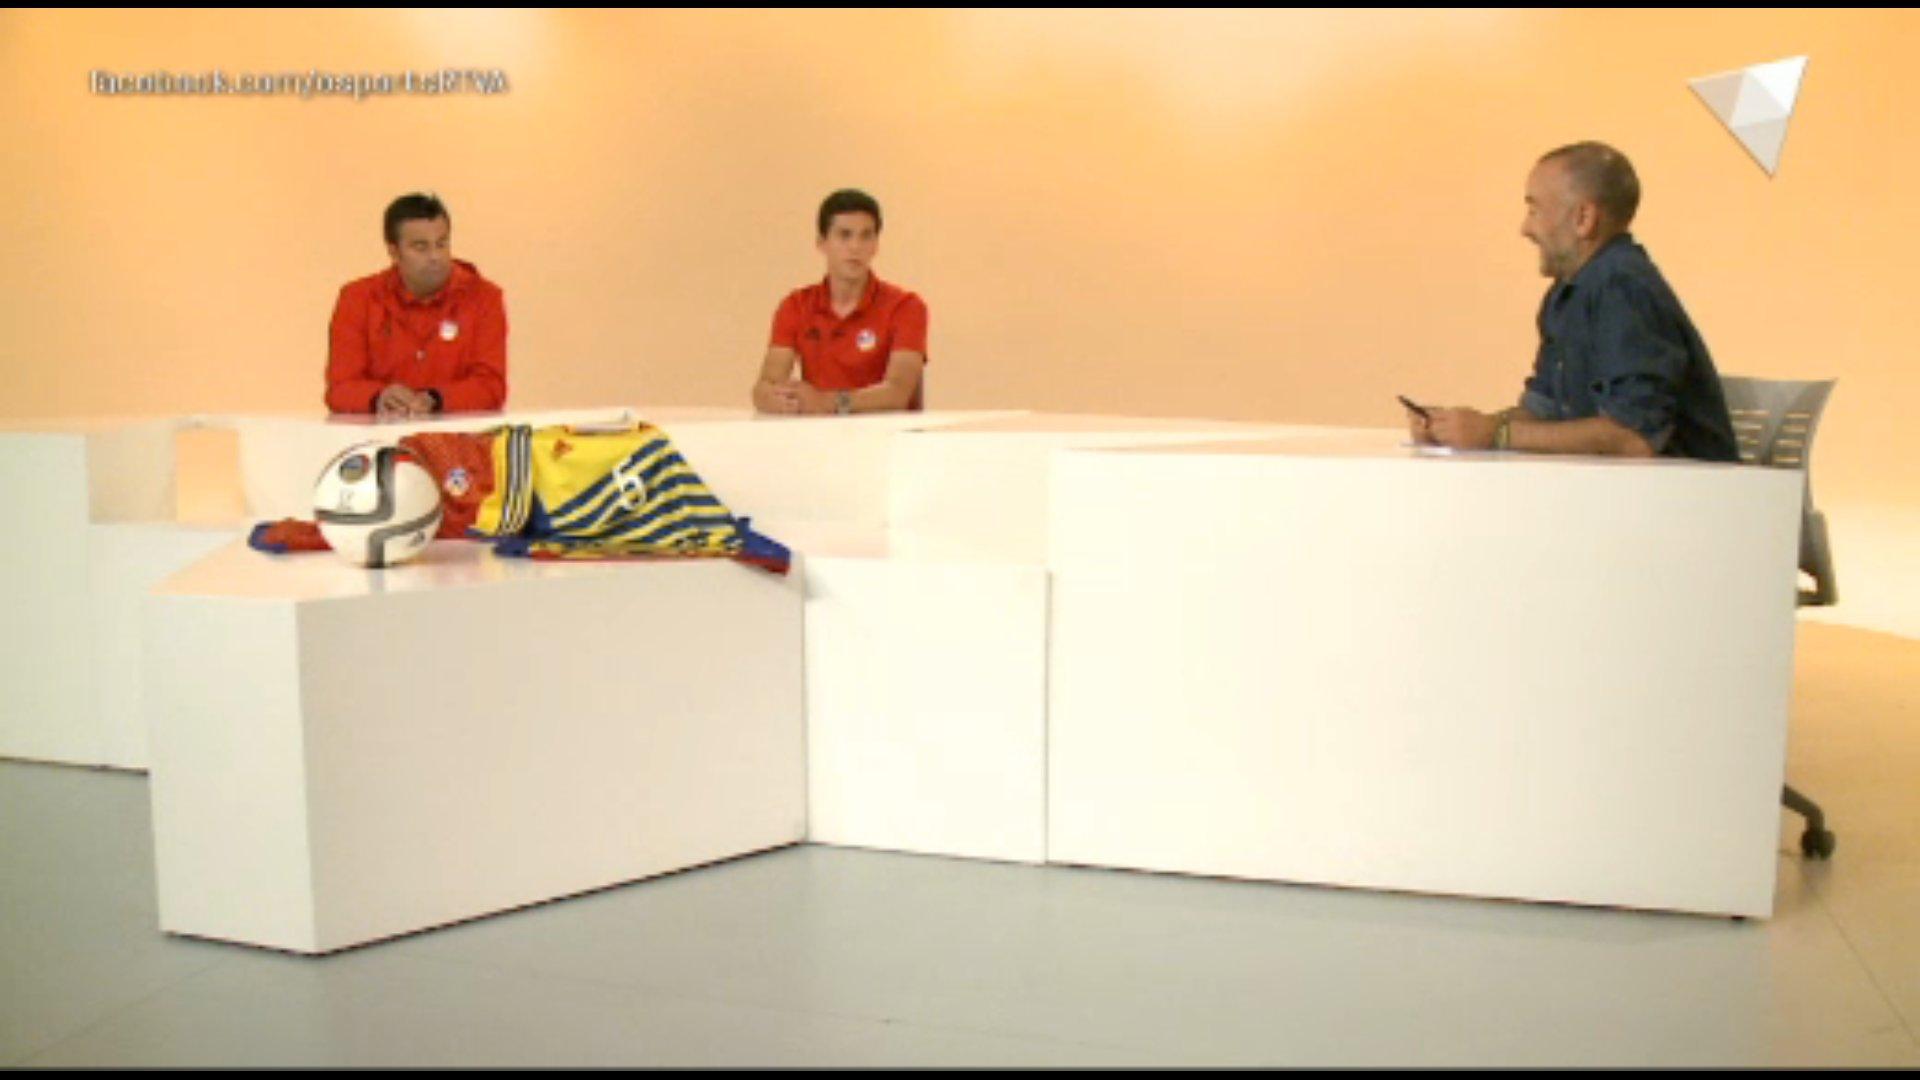 Dia E 2a part - La selecció es prepara per jugar contra la Portugal de Ronaldo